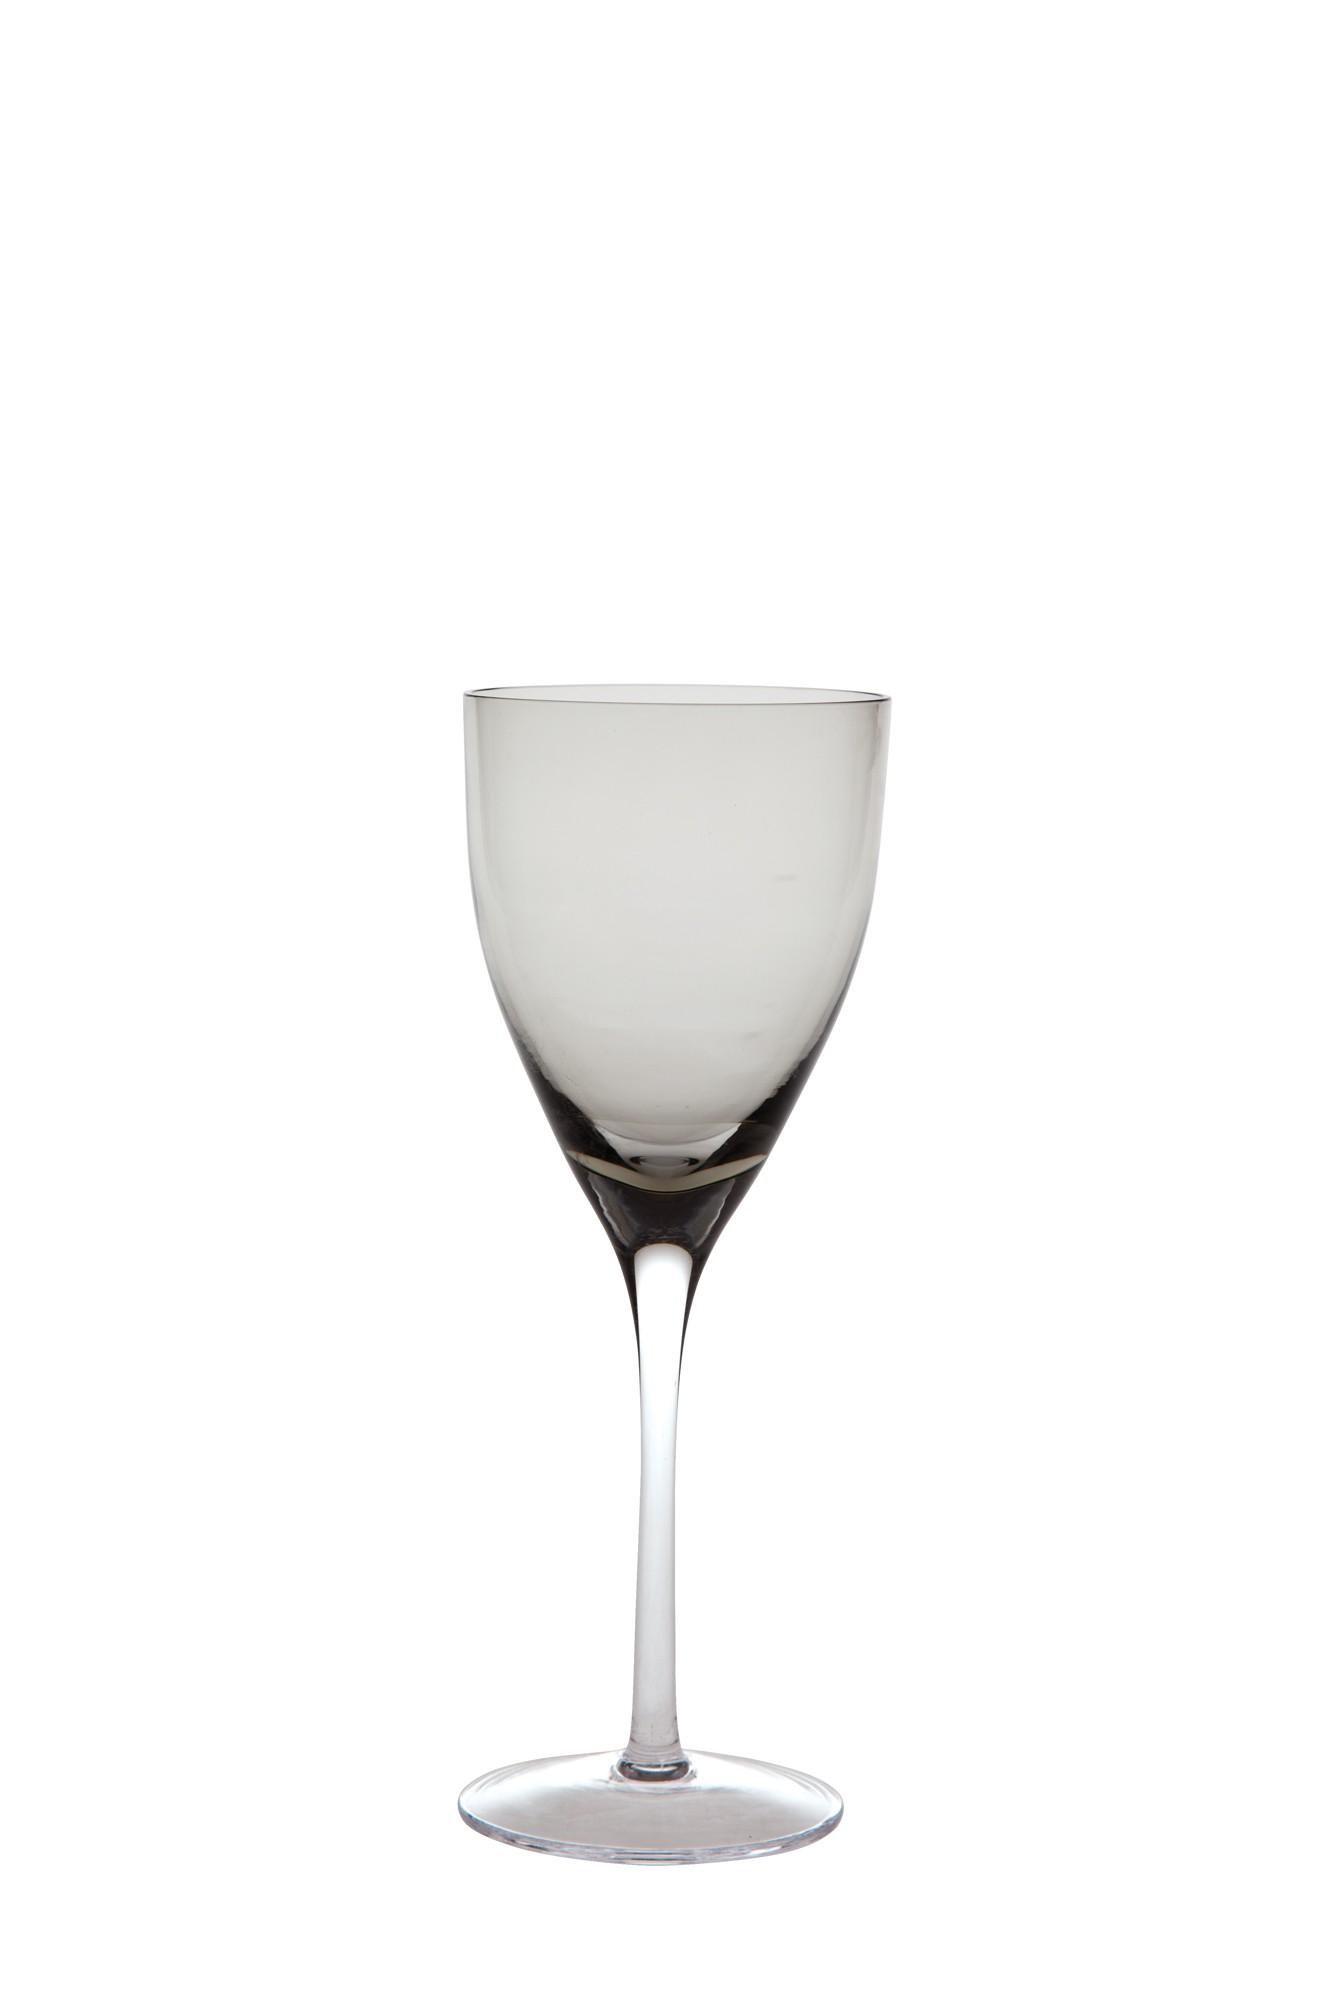 Ποτήρι Νερού Paradise Σετ 6Τμχ Smoke 250ml Ionia home   ειδη σερβιρισματος   ποτήρια